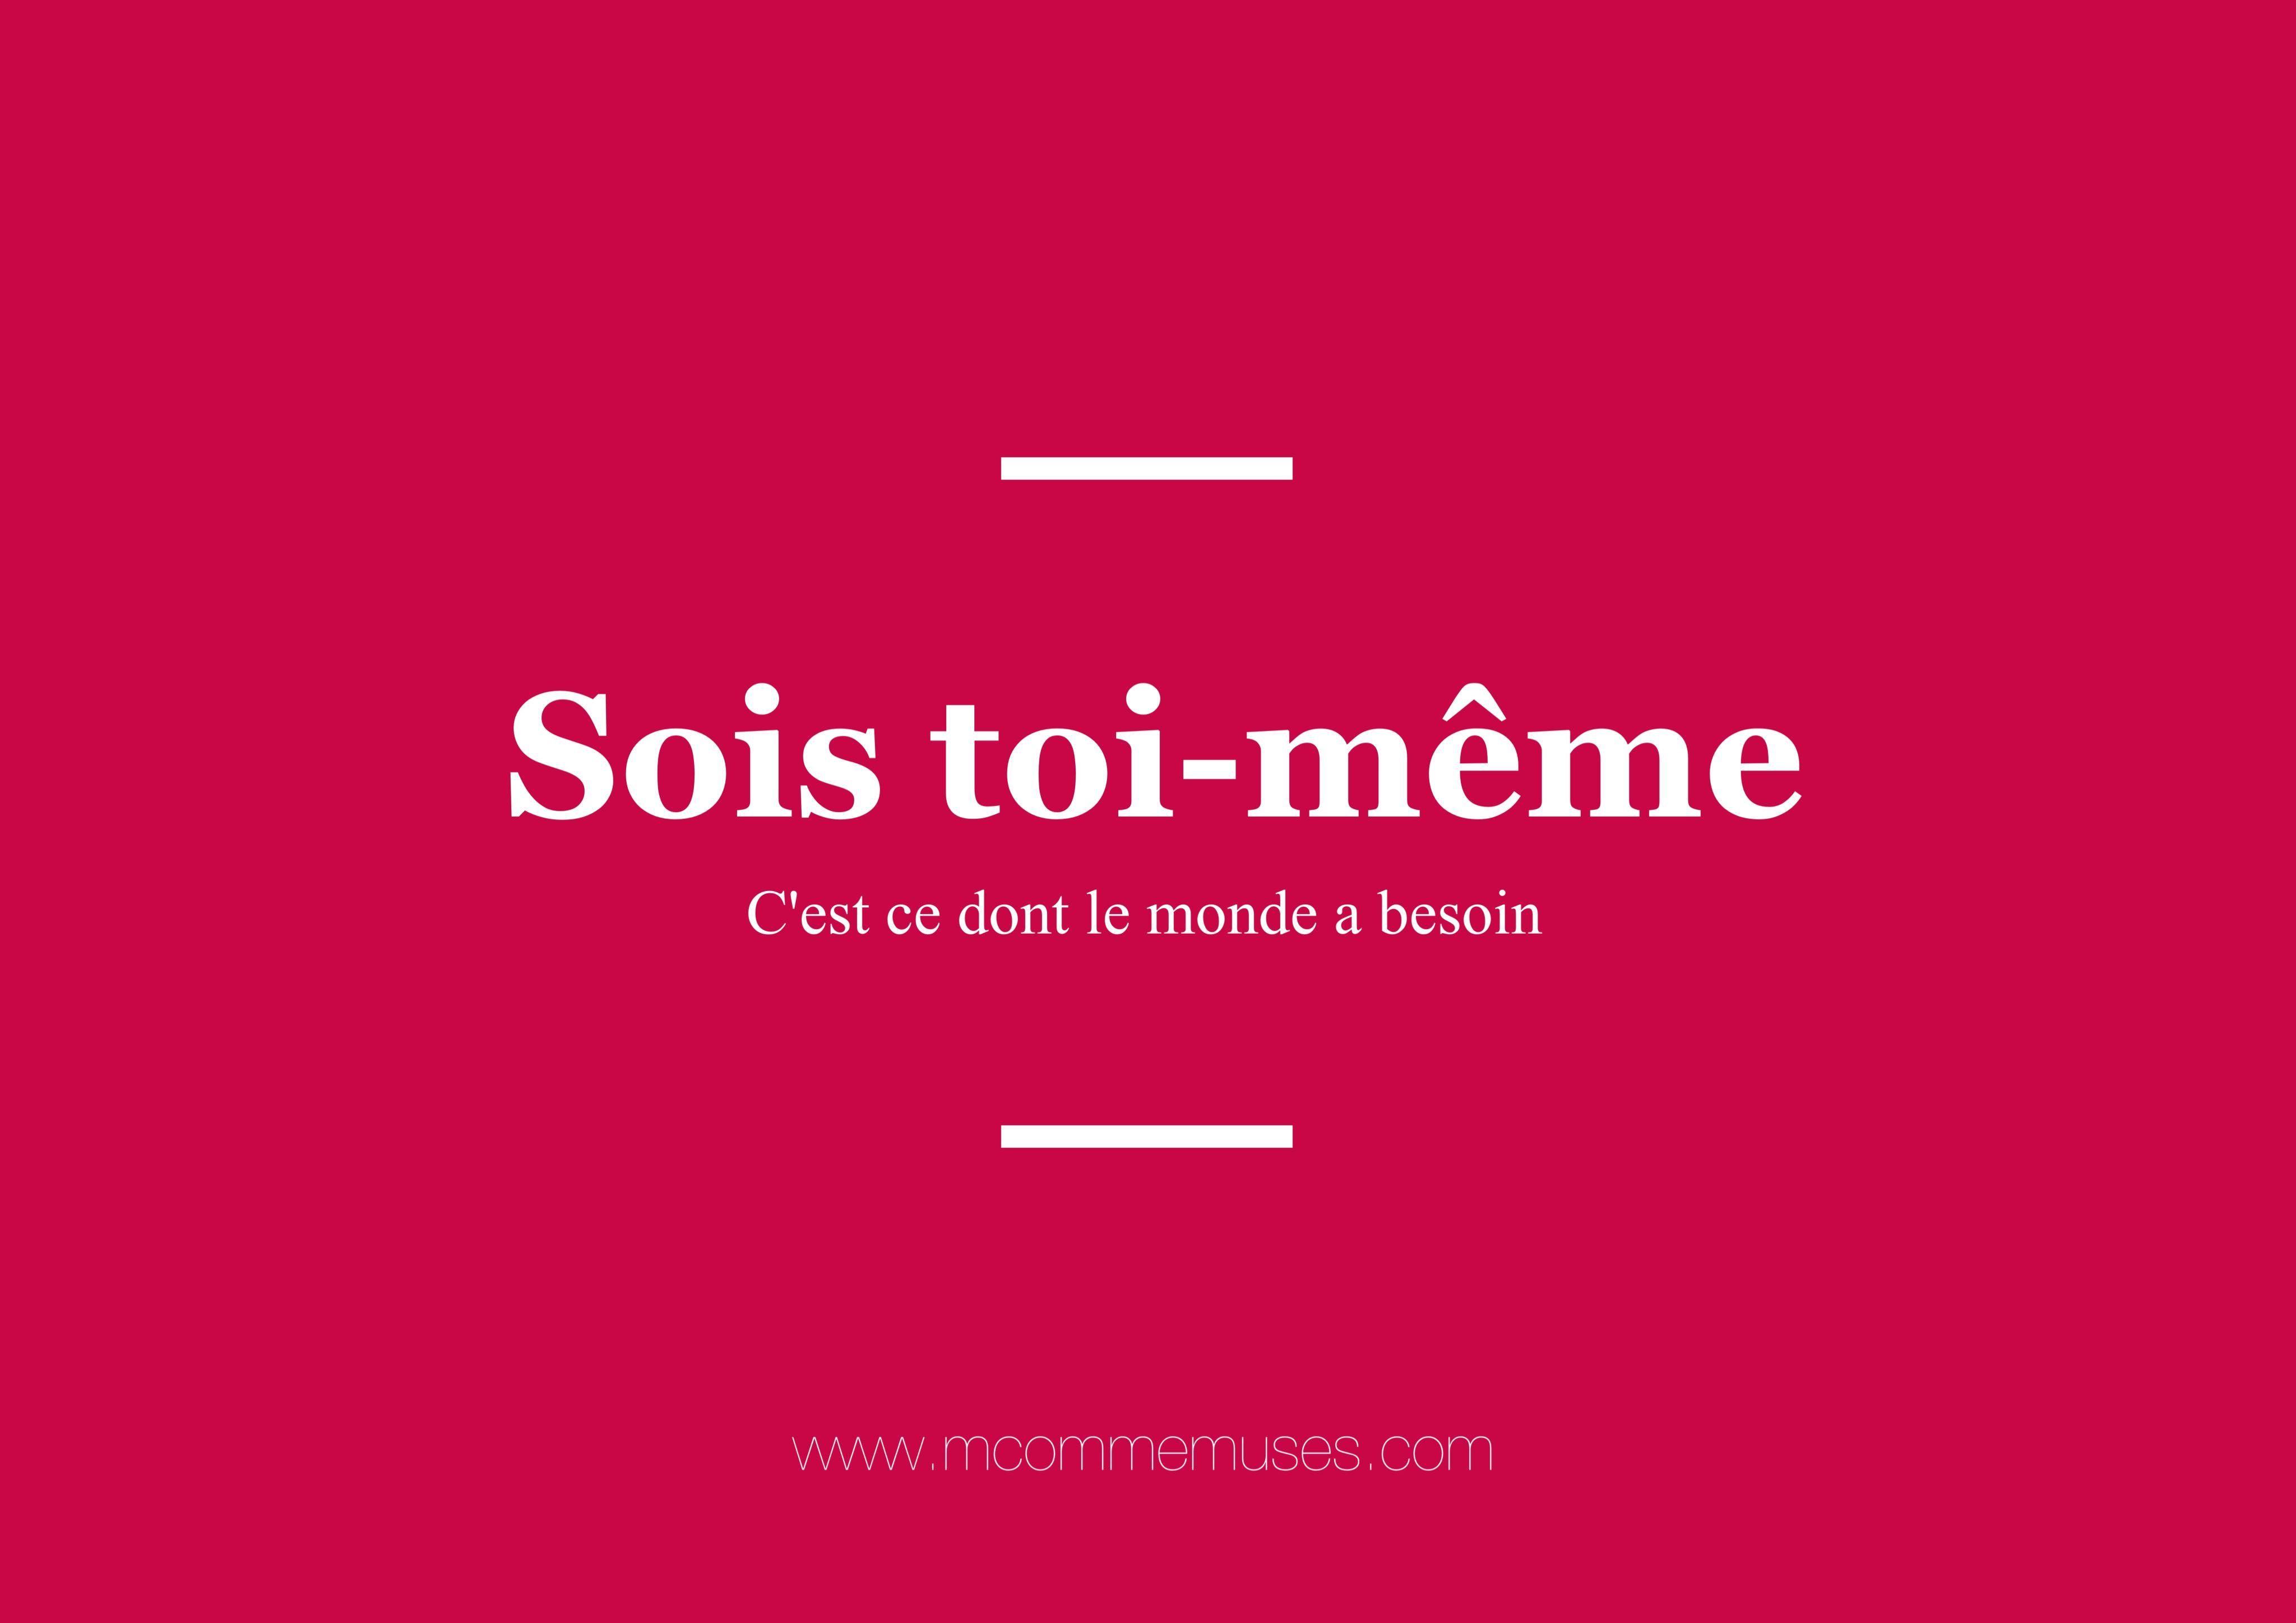 17 Preuves Que La Personne Qui A Cree La Langue Francaise Etait Hyper Sadique Learn French French Words French Language Lessons